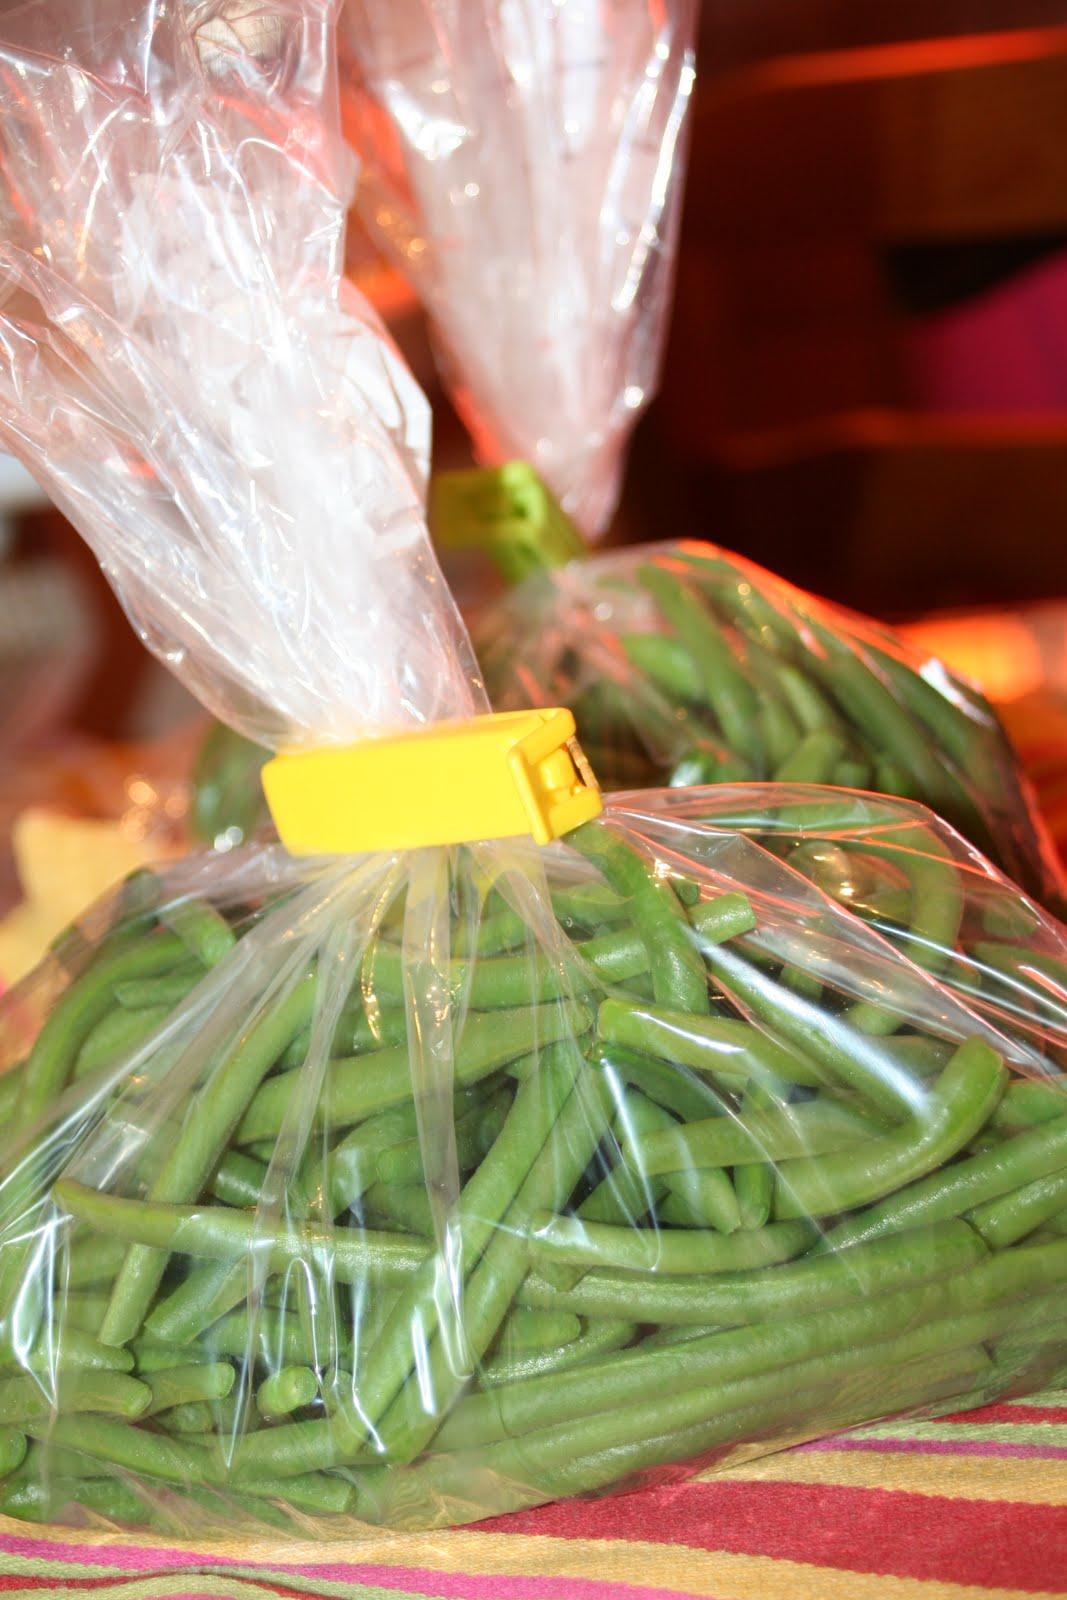 Comment Congeler Des Haricots Verts Frais : comment, congeler, haricots, verts, frais, Congeler, Haricots, Verts, Cuits, Jackie, Walker